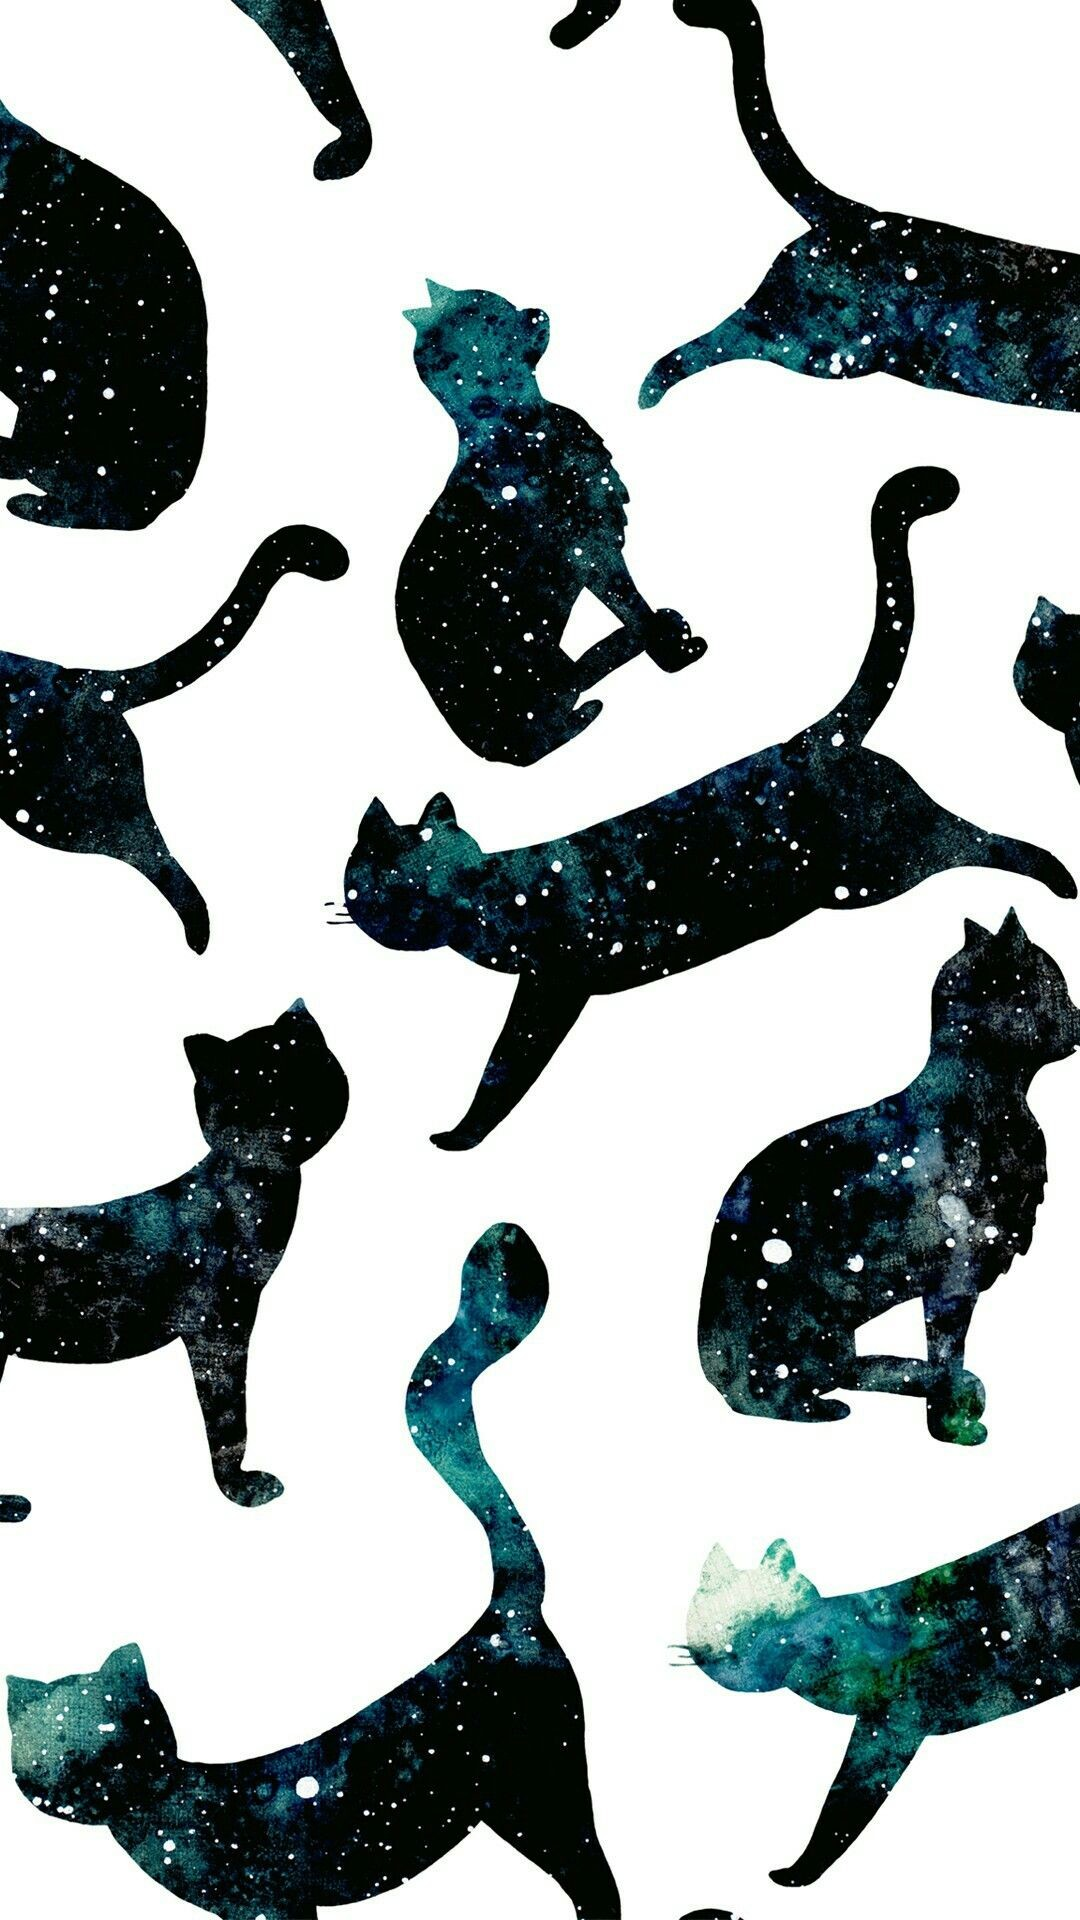 Res: 1080x1920, Wallpaper, cat, Galaxy